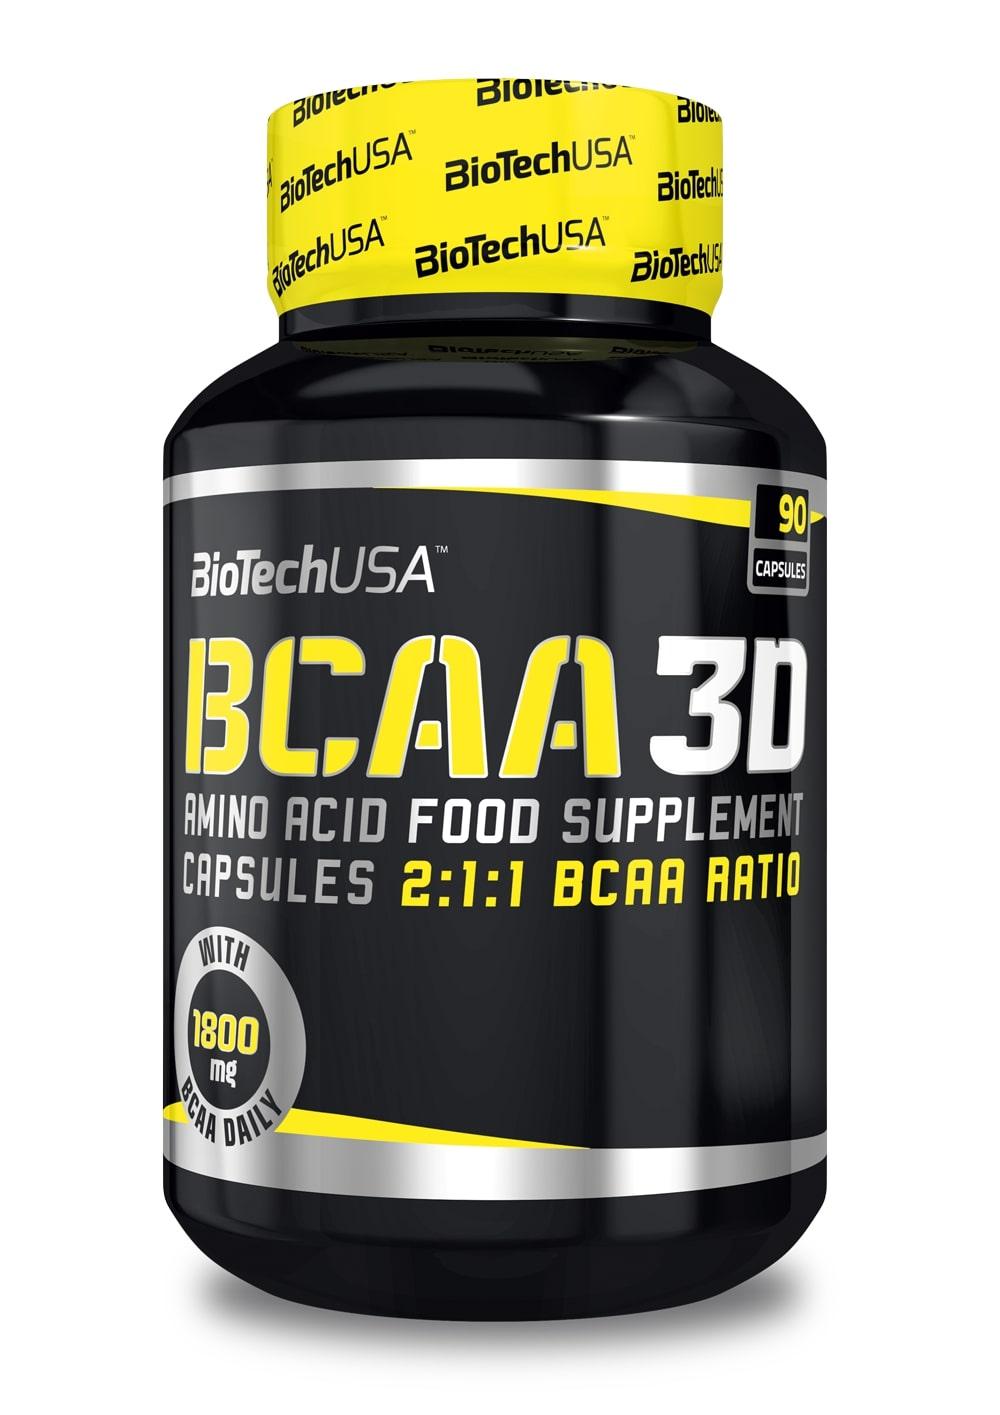 BCAA 3D - 90 caps versandkostenfrei/portofrei bestellen/kaufen